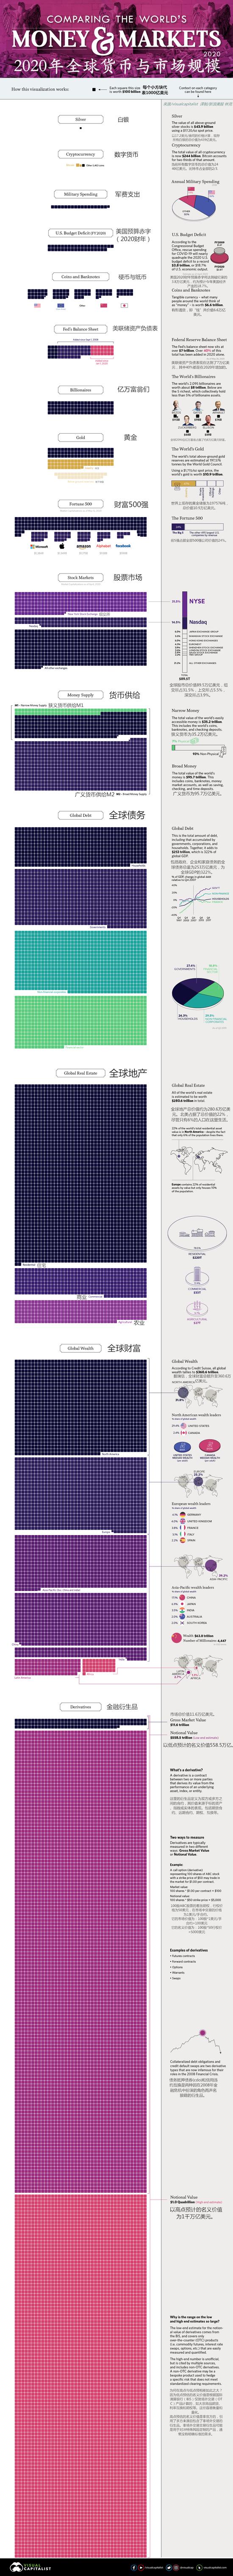 一图看懂:2020年全球货币与市场规模-nordfx